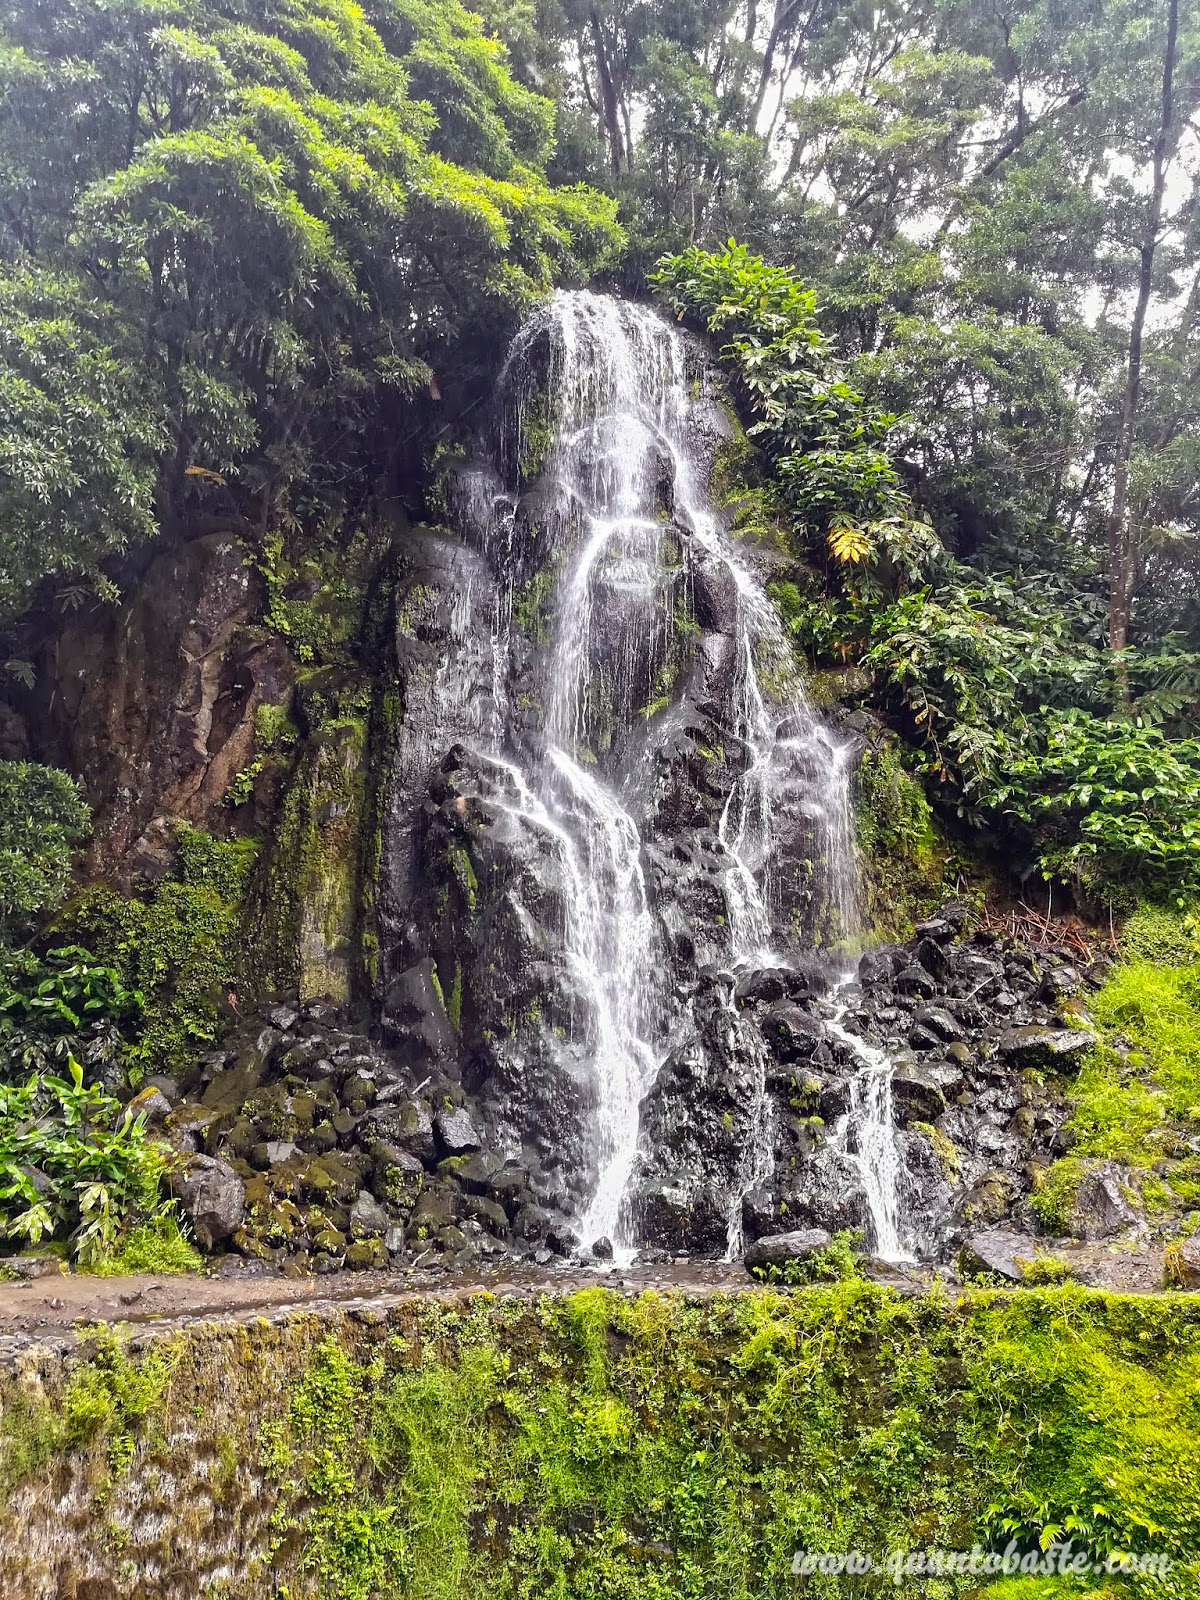 Parque Natural da Ribeira dos Caldeirões - Nordeste - São Miguel - Açores